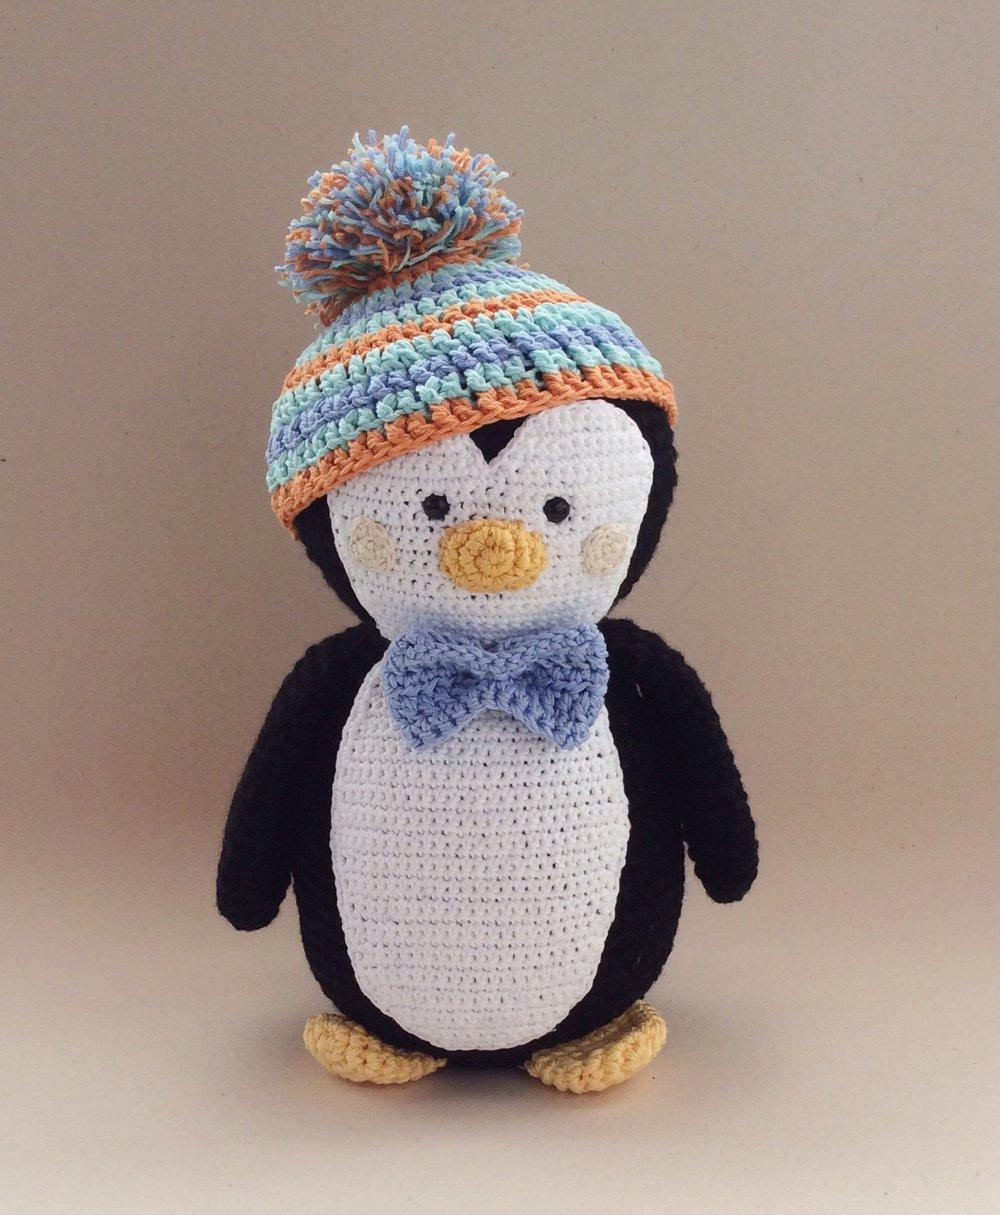 Pinguino - 2015